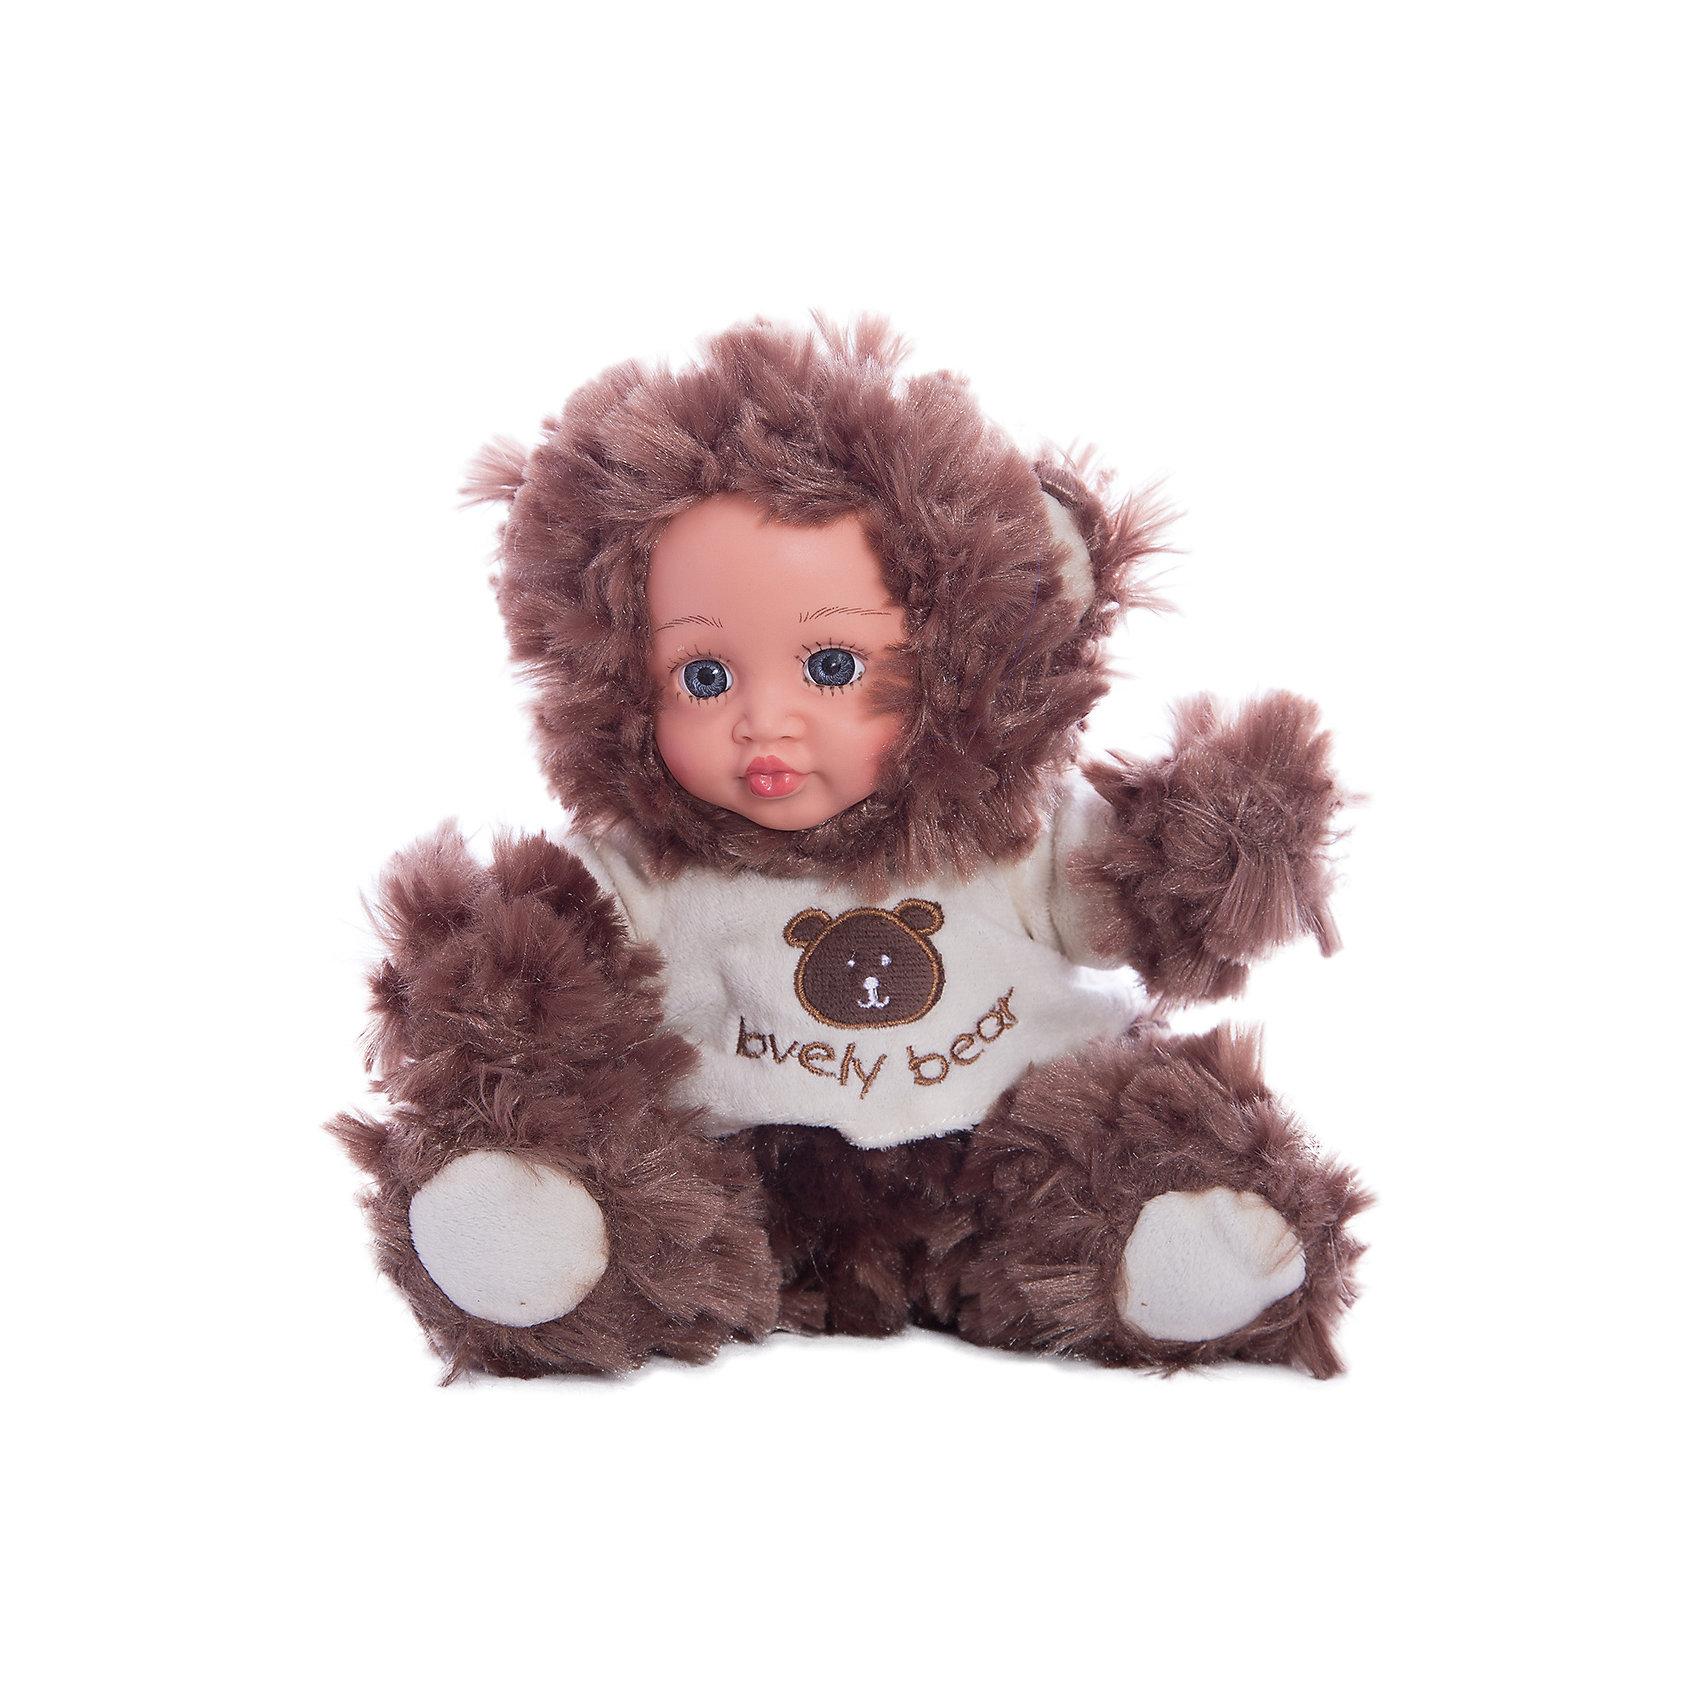 Игрушка Мой мишка, Fluffy FamilyТакая игрушка - милая вариация стандартной куклы–младенца. Малыш выполнен из пластика и тщательно прорисованным личиком. Одета кукла в костюм совенка. Ткань приятна на ощупь и малышу понравится играть с куклой. Игрушка подходит для одиночной игры малыша и для игр в компании. Не содержит мелких деталей. Кукла из коллекционной серии. Соберите весь набор! Материалы, использованные при изготовлении товара, абсолютно безопасны и отвечают всем международным требованиям по качеству.<br><br>Дополнительные характеристики:<br><br>материал: ПВХ, искусственный мех, пластик;<br>габариты: 20 X 9 X 30 см;<br>наполнитель: полиэтиленовые гранулы.<br><br>Игрушку Мой мишка от компании Fluffy Family можно приобрести в нашем магазине.<br><br>Ширина мм: 570<br>Глубина мм: 580<br>Высота мм: 450<br>Вес г: 139<br>Возраст от месяцев: 36<br>Возраст до месяцев: 96<br>Пол: Унисекс<br>Возраст: Детский<br>SKU: 5032466